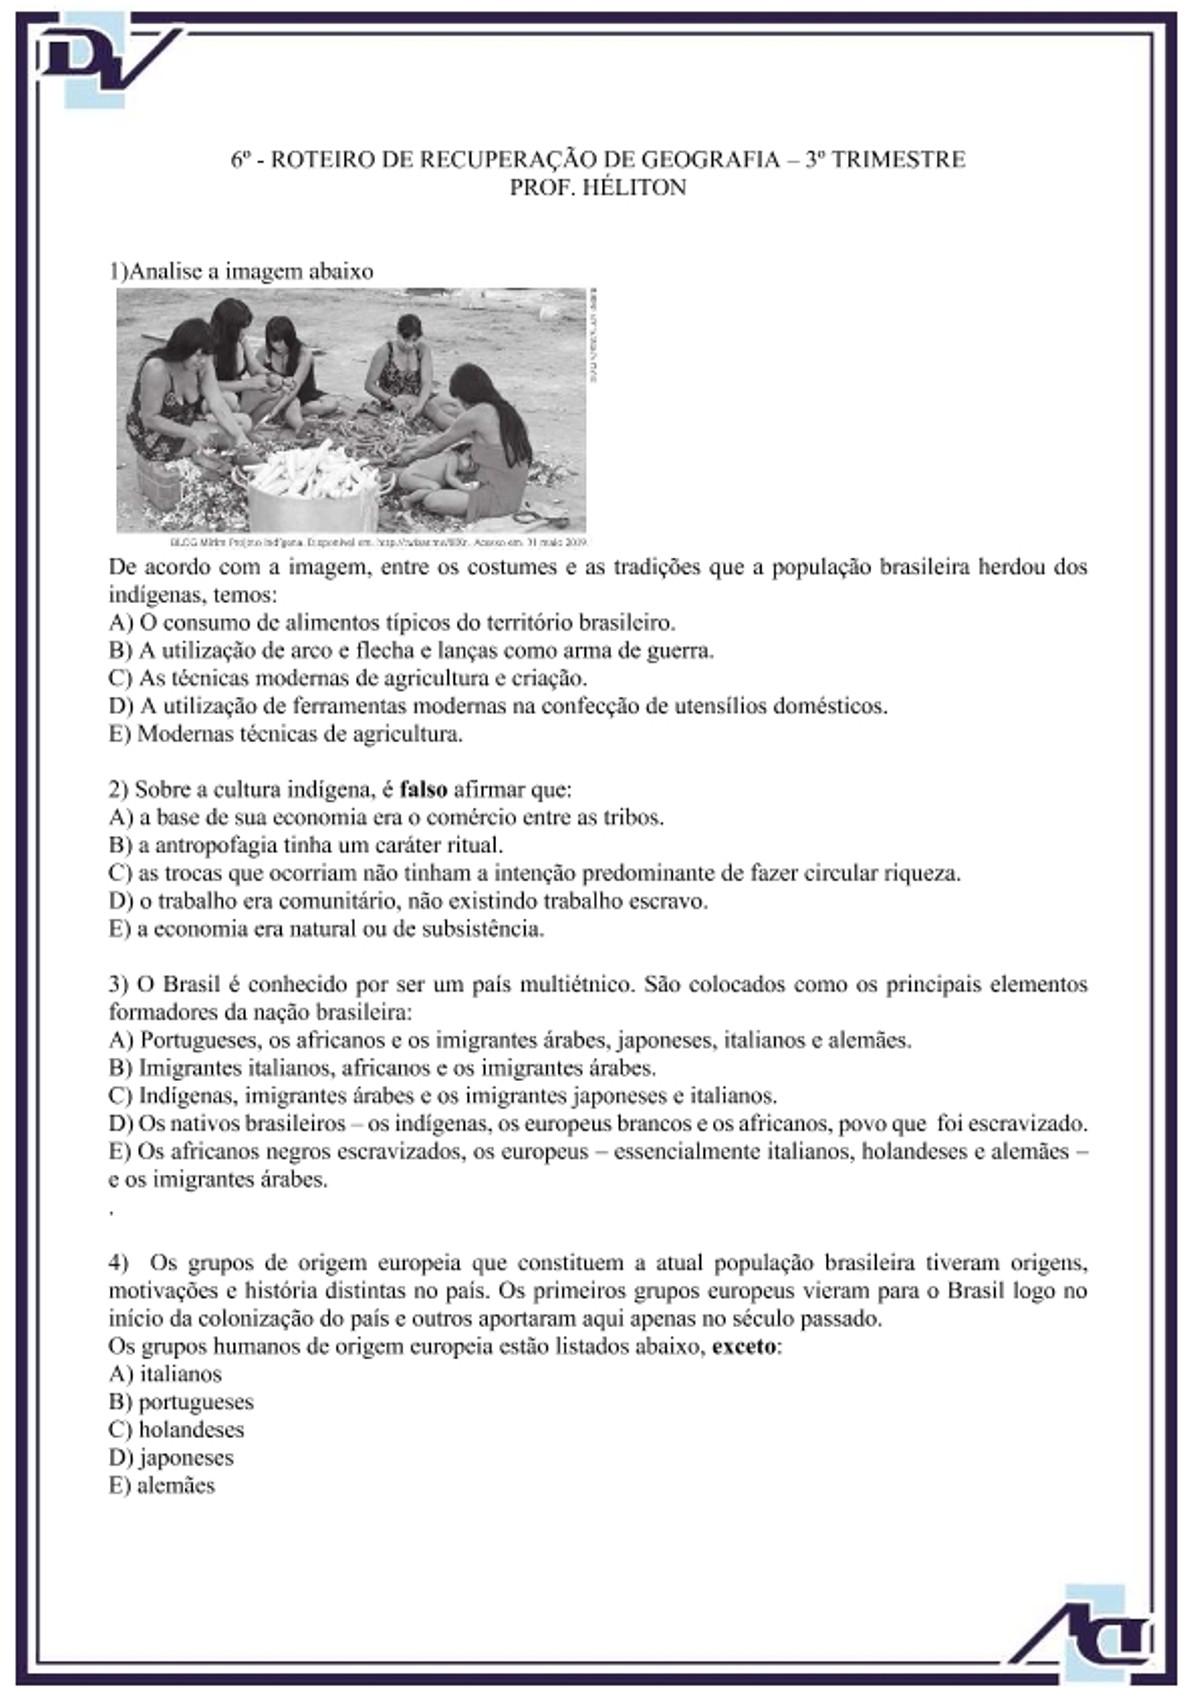 Pre-visualização do material Atividade sobre a formação do povo brasileiro 8° ano - página 1